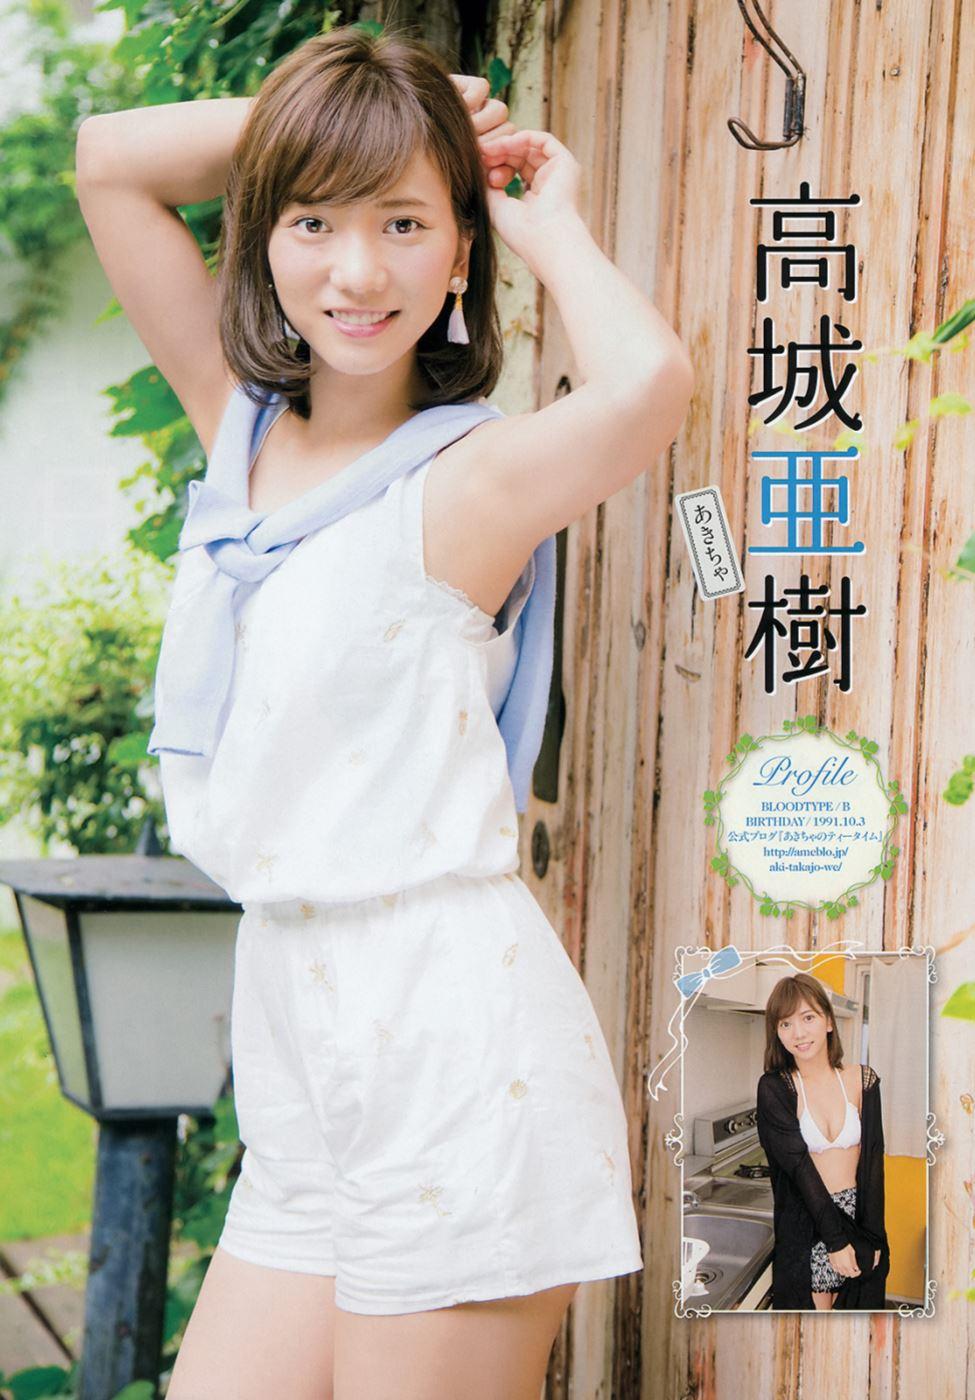 AKBを卒業した倉持明日香と高城亜樹の水着画像 107